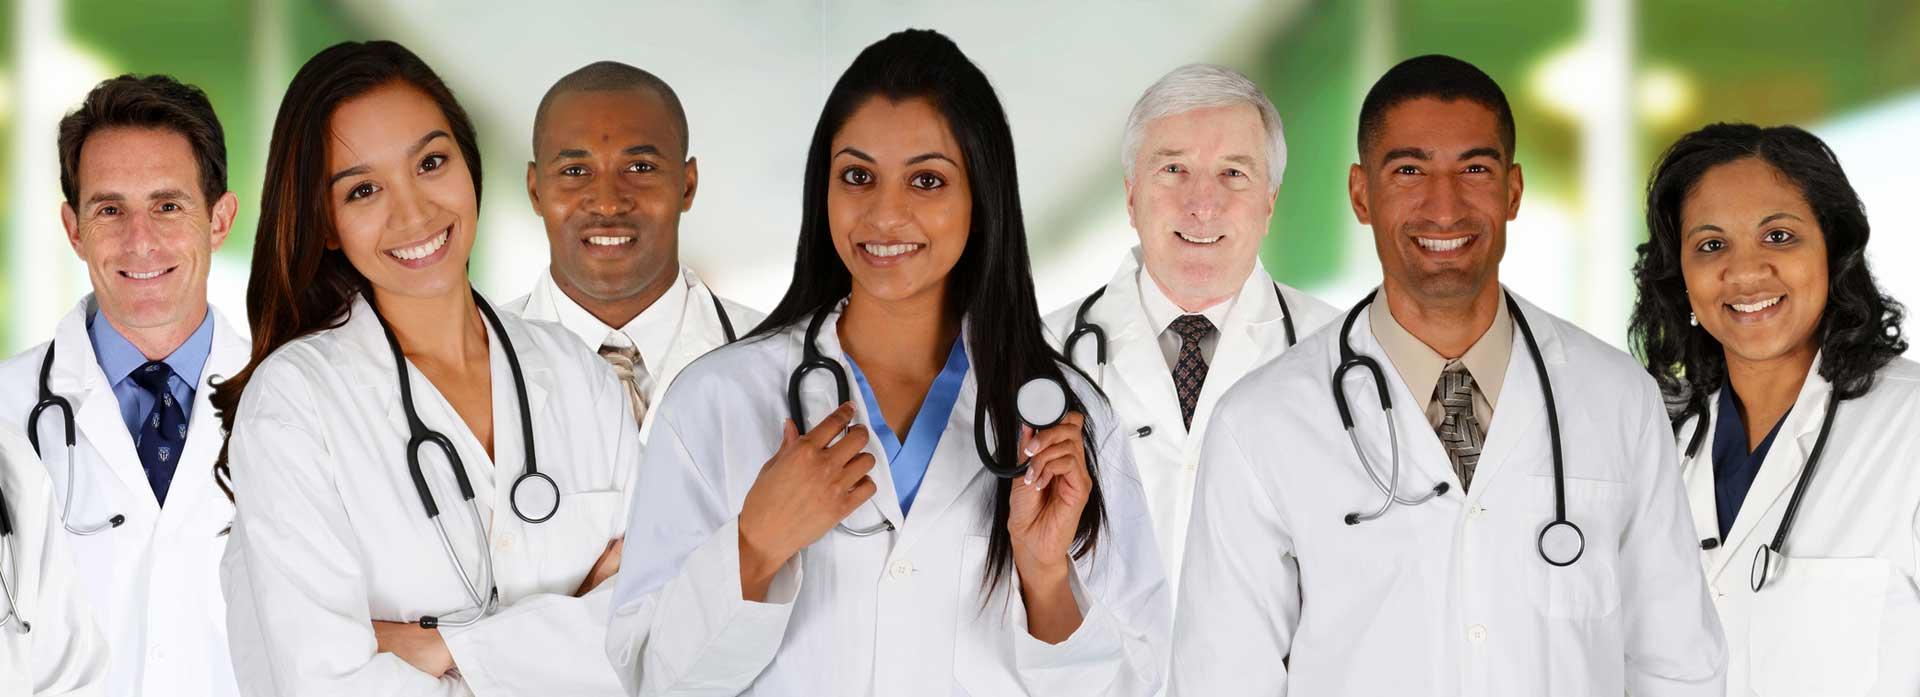 physician slider